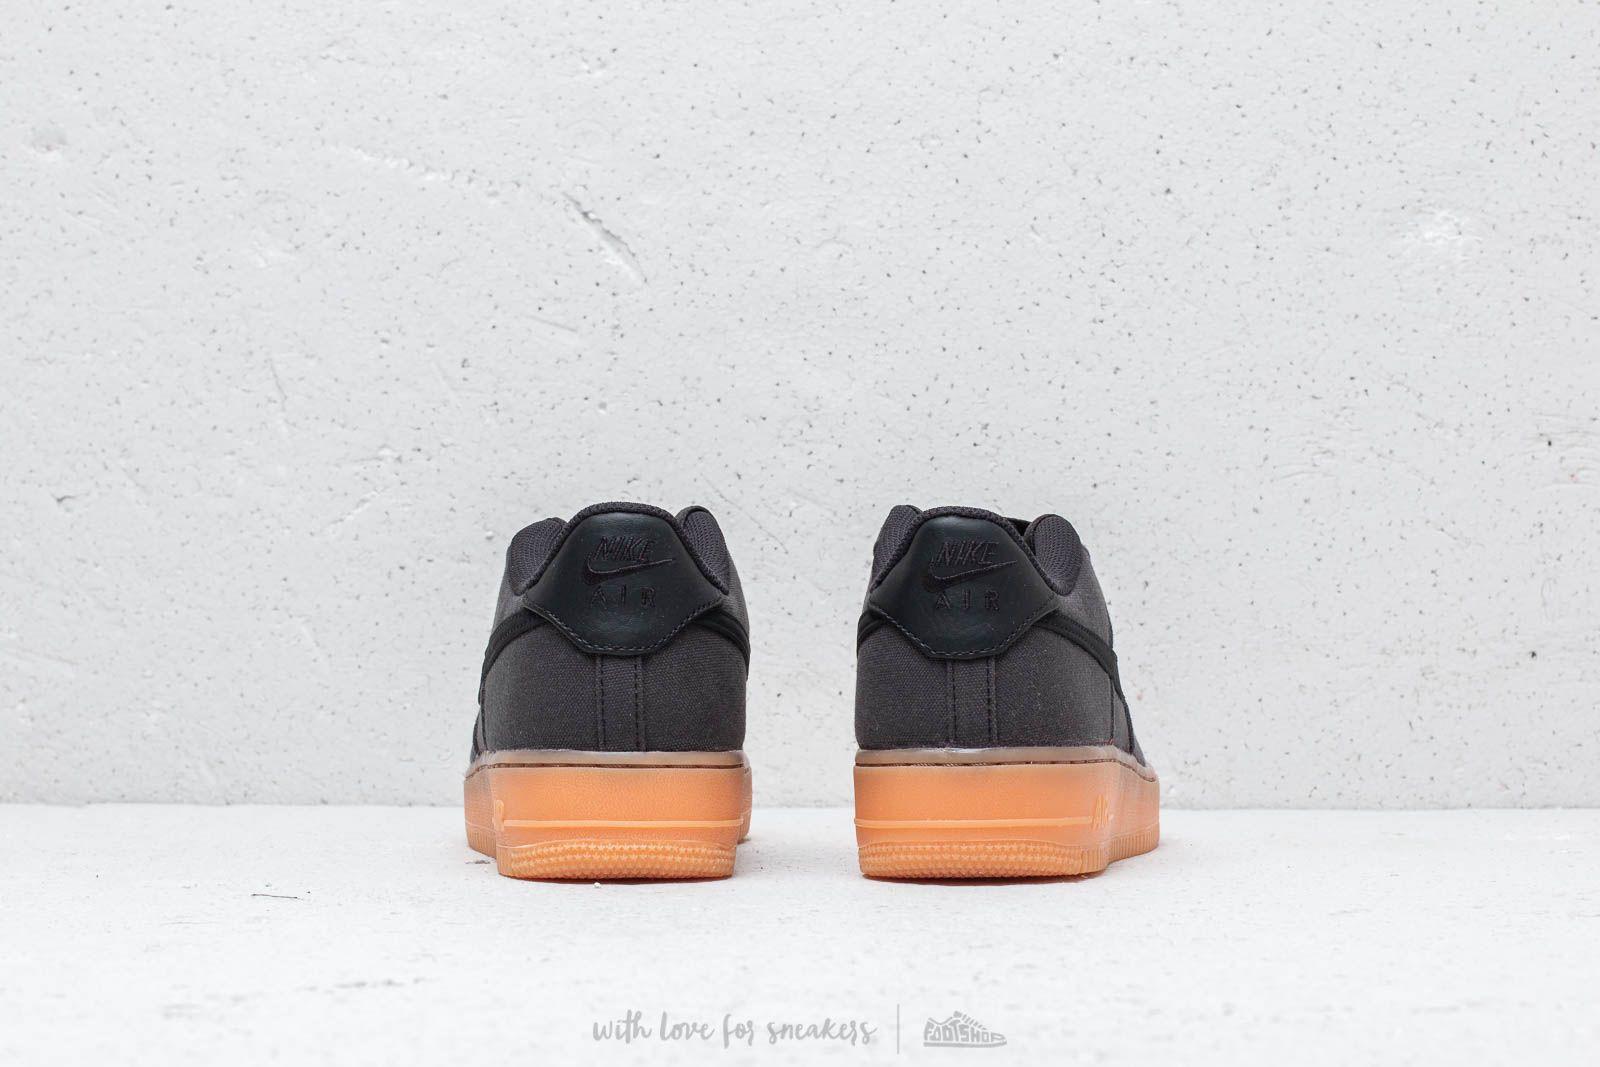 Nike Air Force 1 LV8 Style (GS) Black Black Gum Med Brown | Footshop